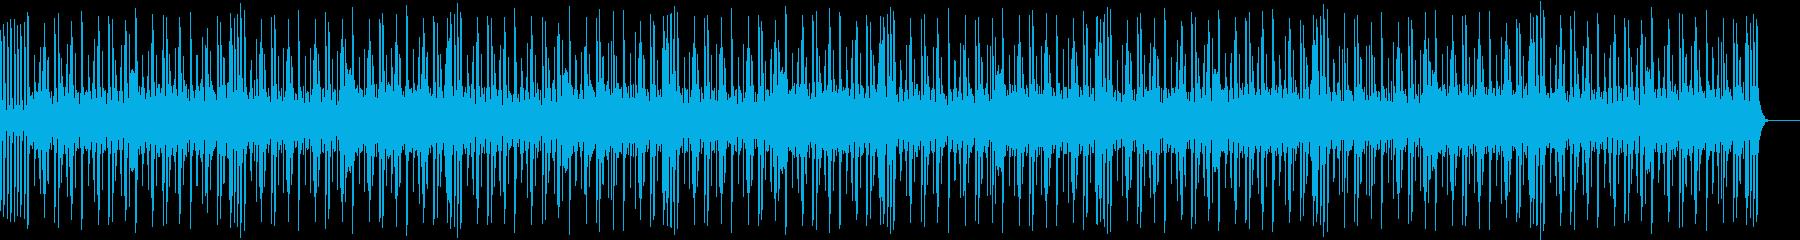 サイファービート12 8小節×8回の再生済みの波形